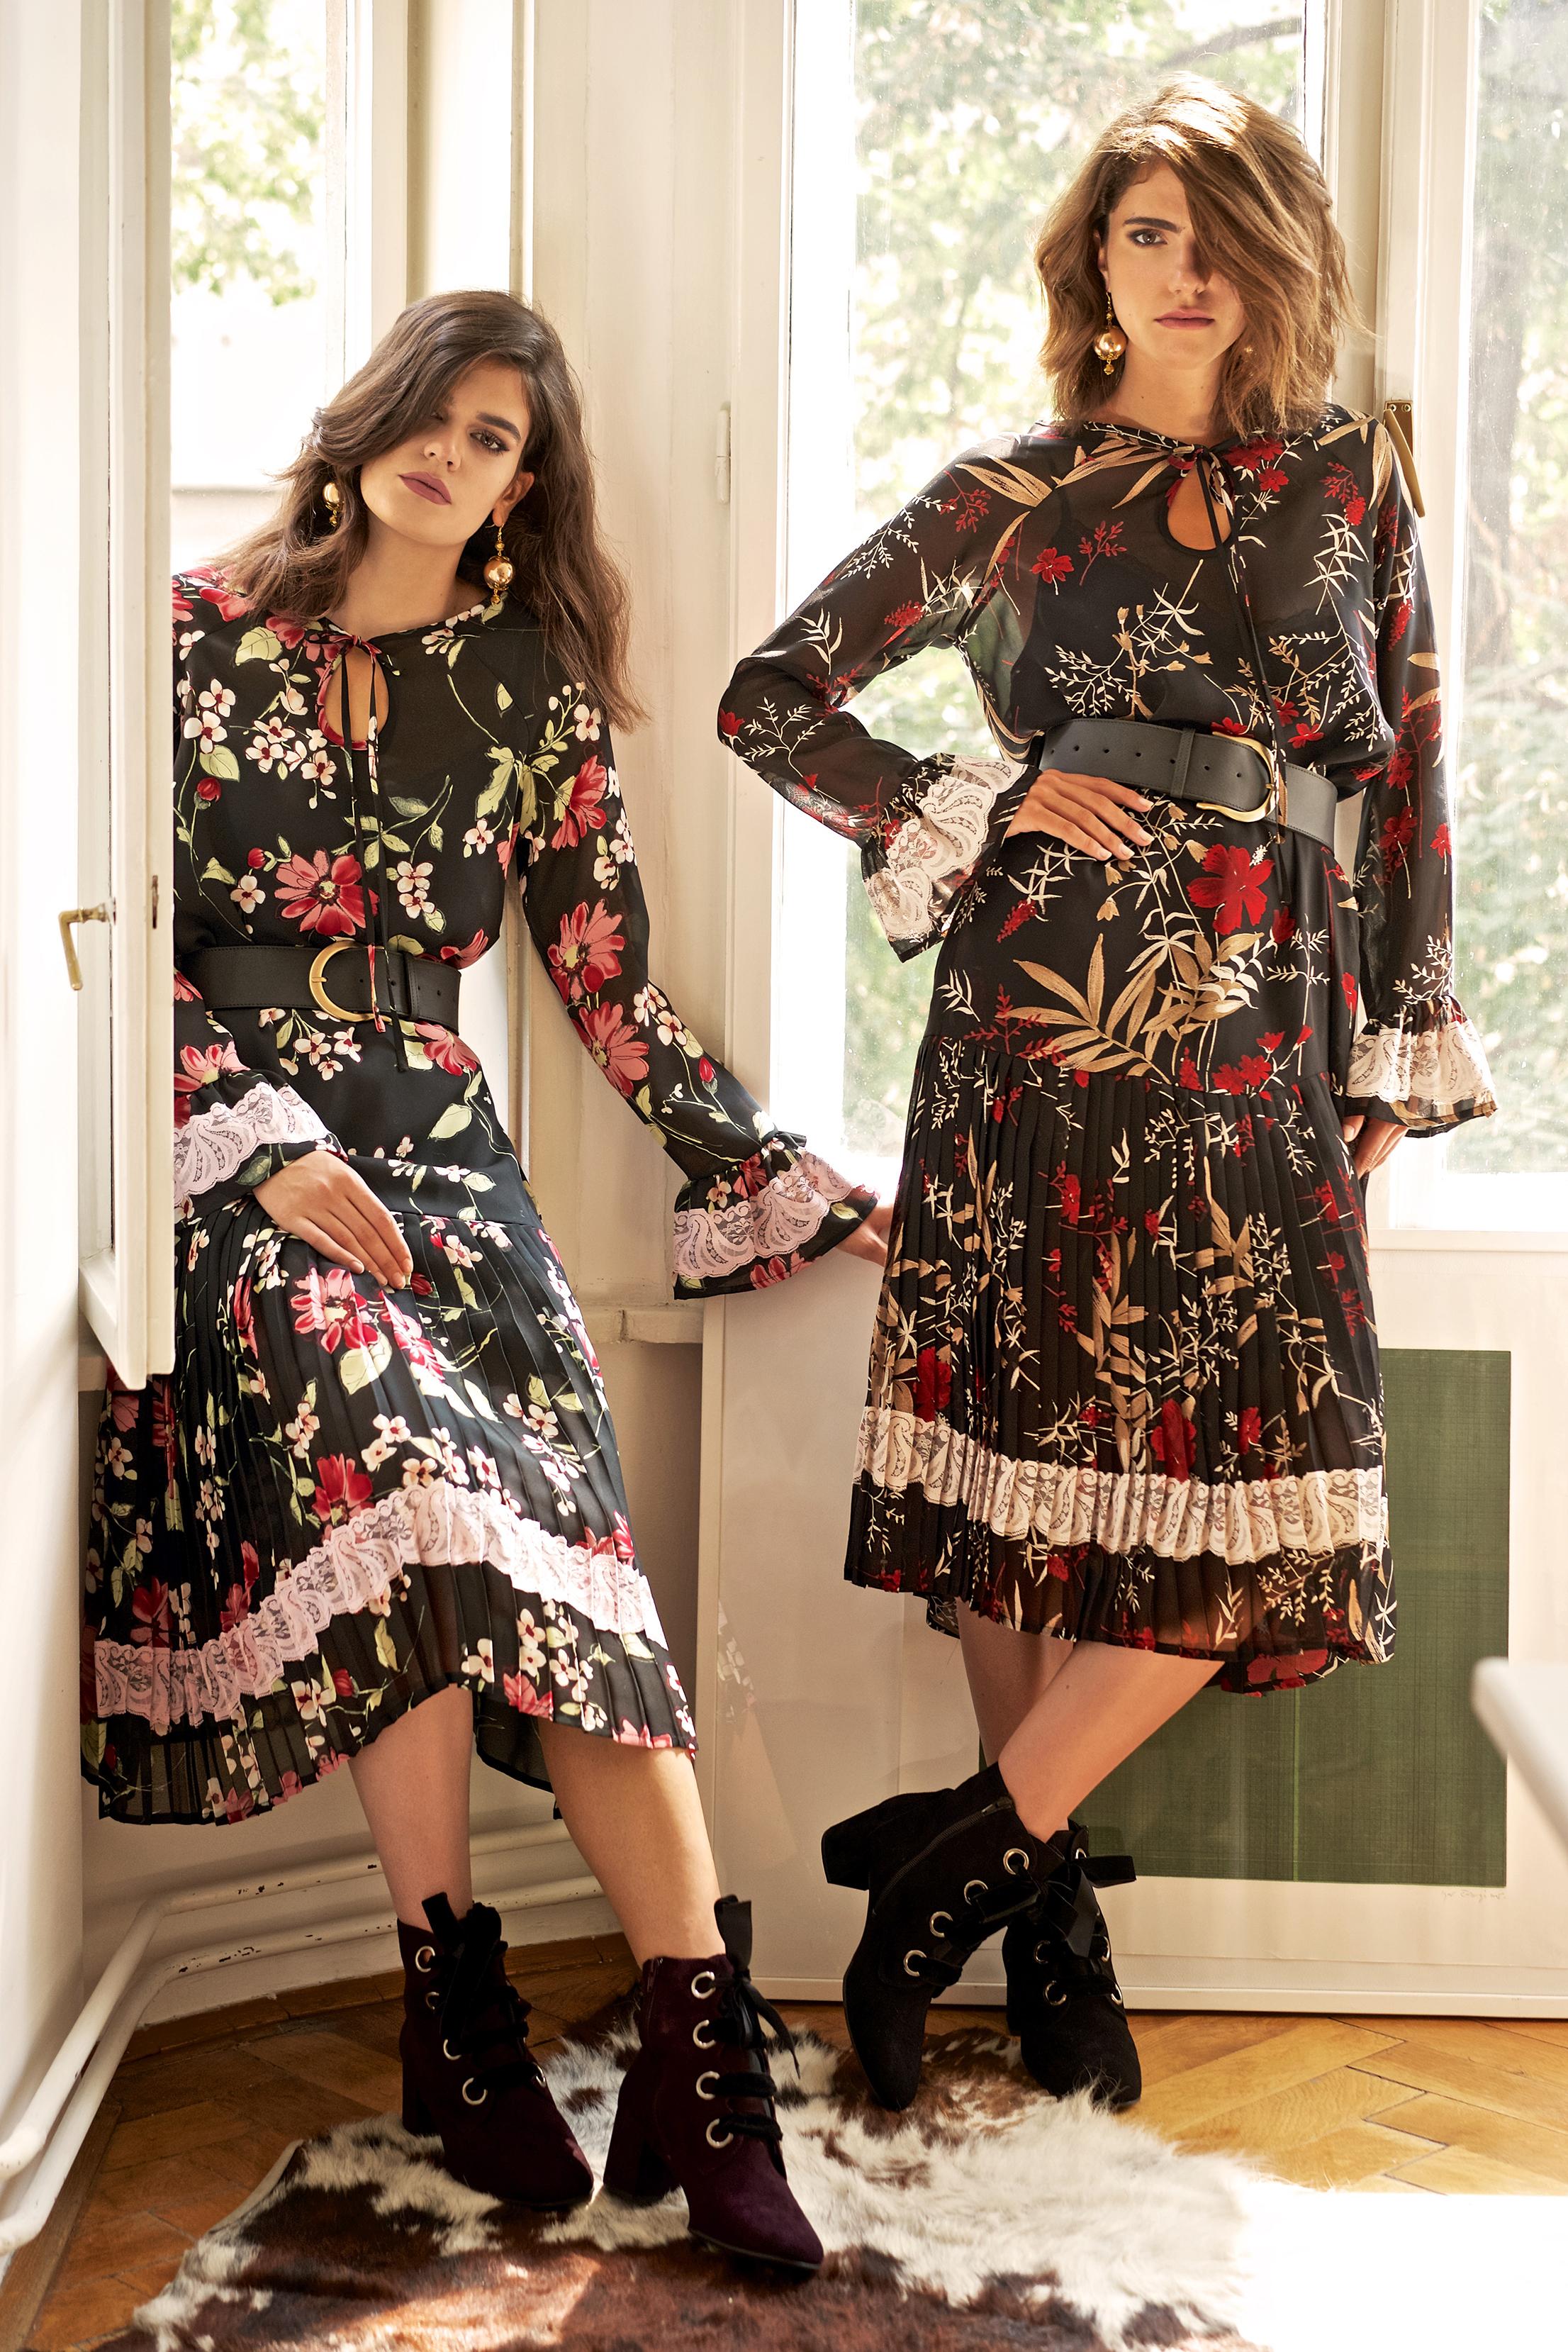 Haljina floralni print viskoza sa čipkanim detaljima, plisiran donji dio 1000 kn Remen kožni široki Anne 300 kn